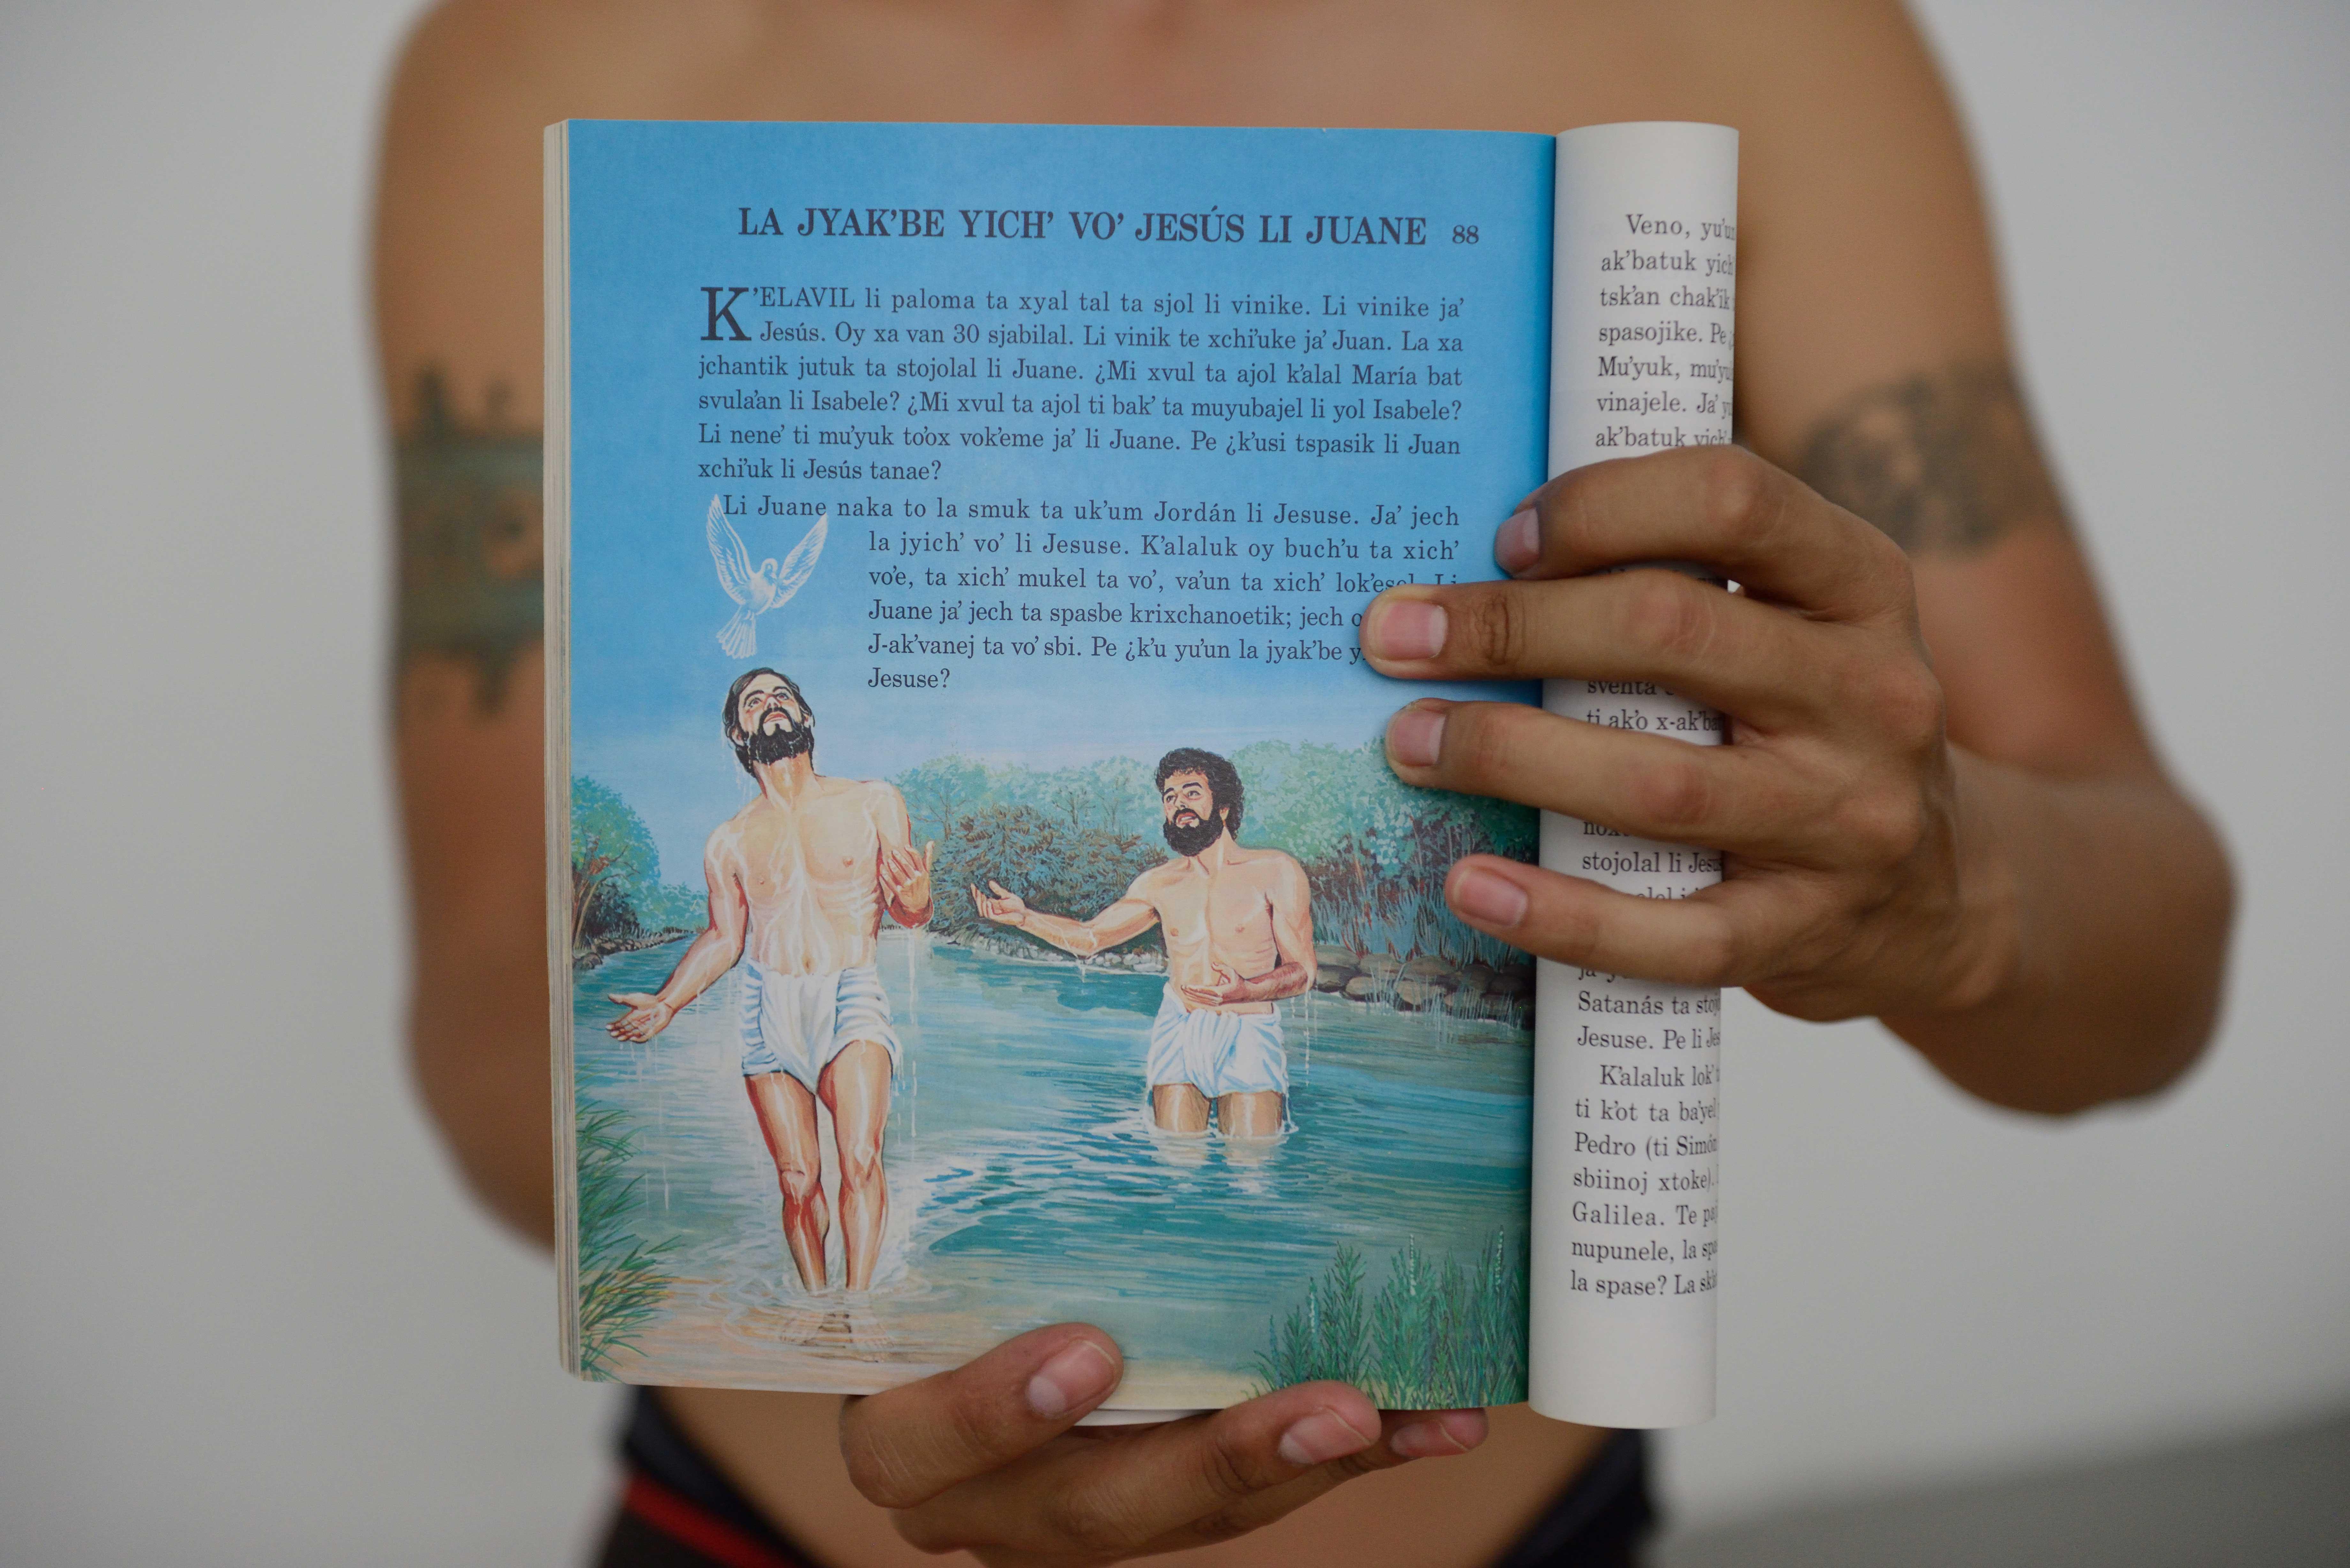 Clarisse Hahn, L'eau du Jourdain, 2017-2018, série NATÜR (invented Edens), tirage argentique couleur contrecollé sur aluminium, 80 x 120 cm